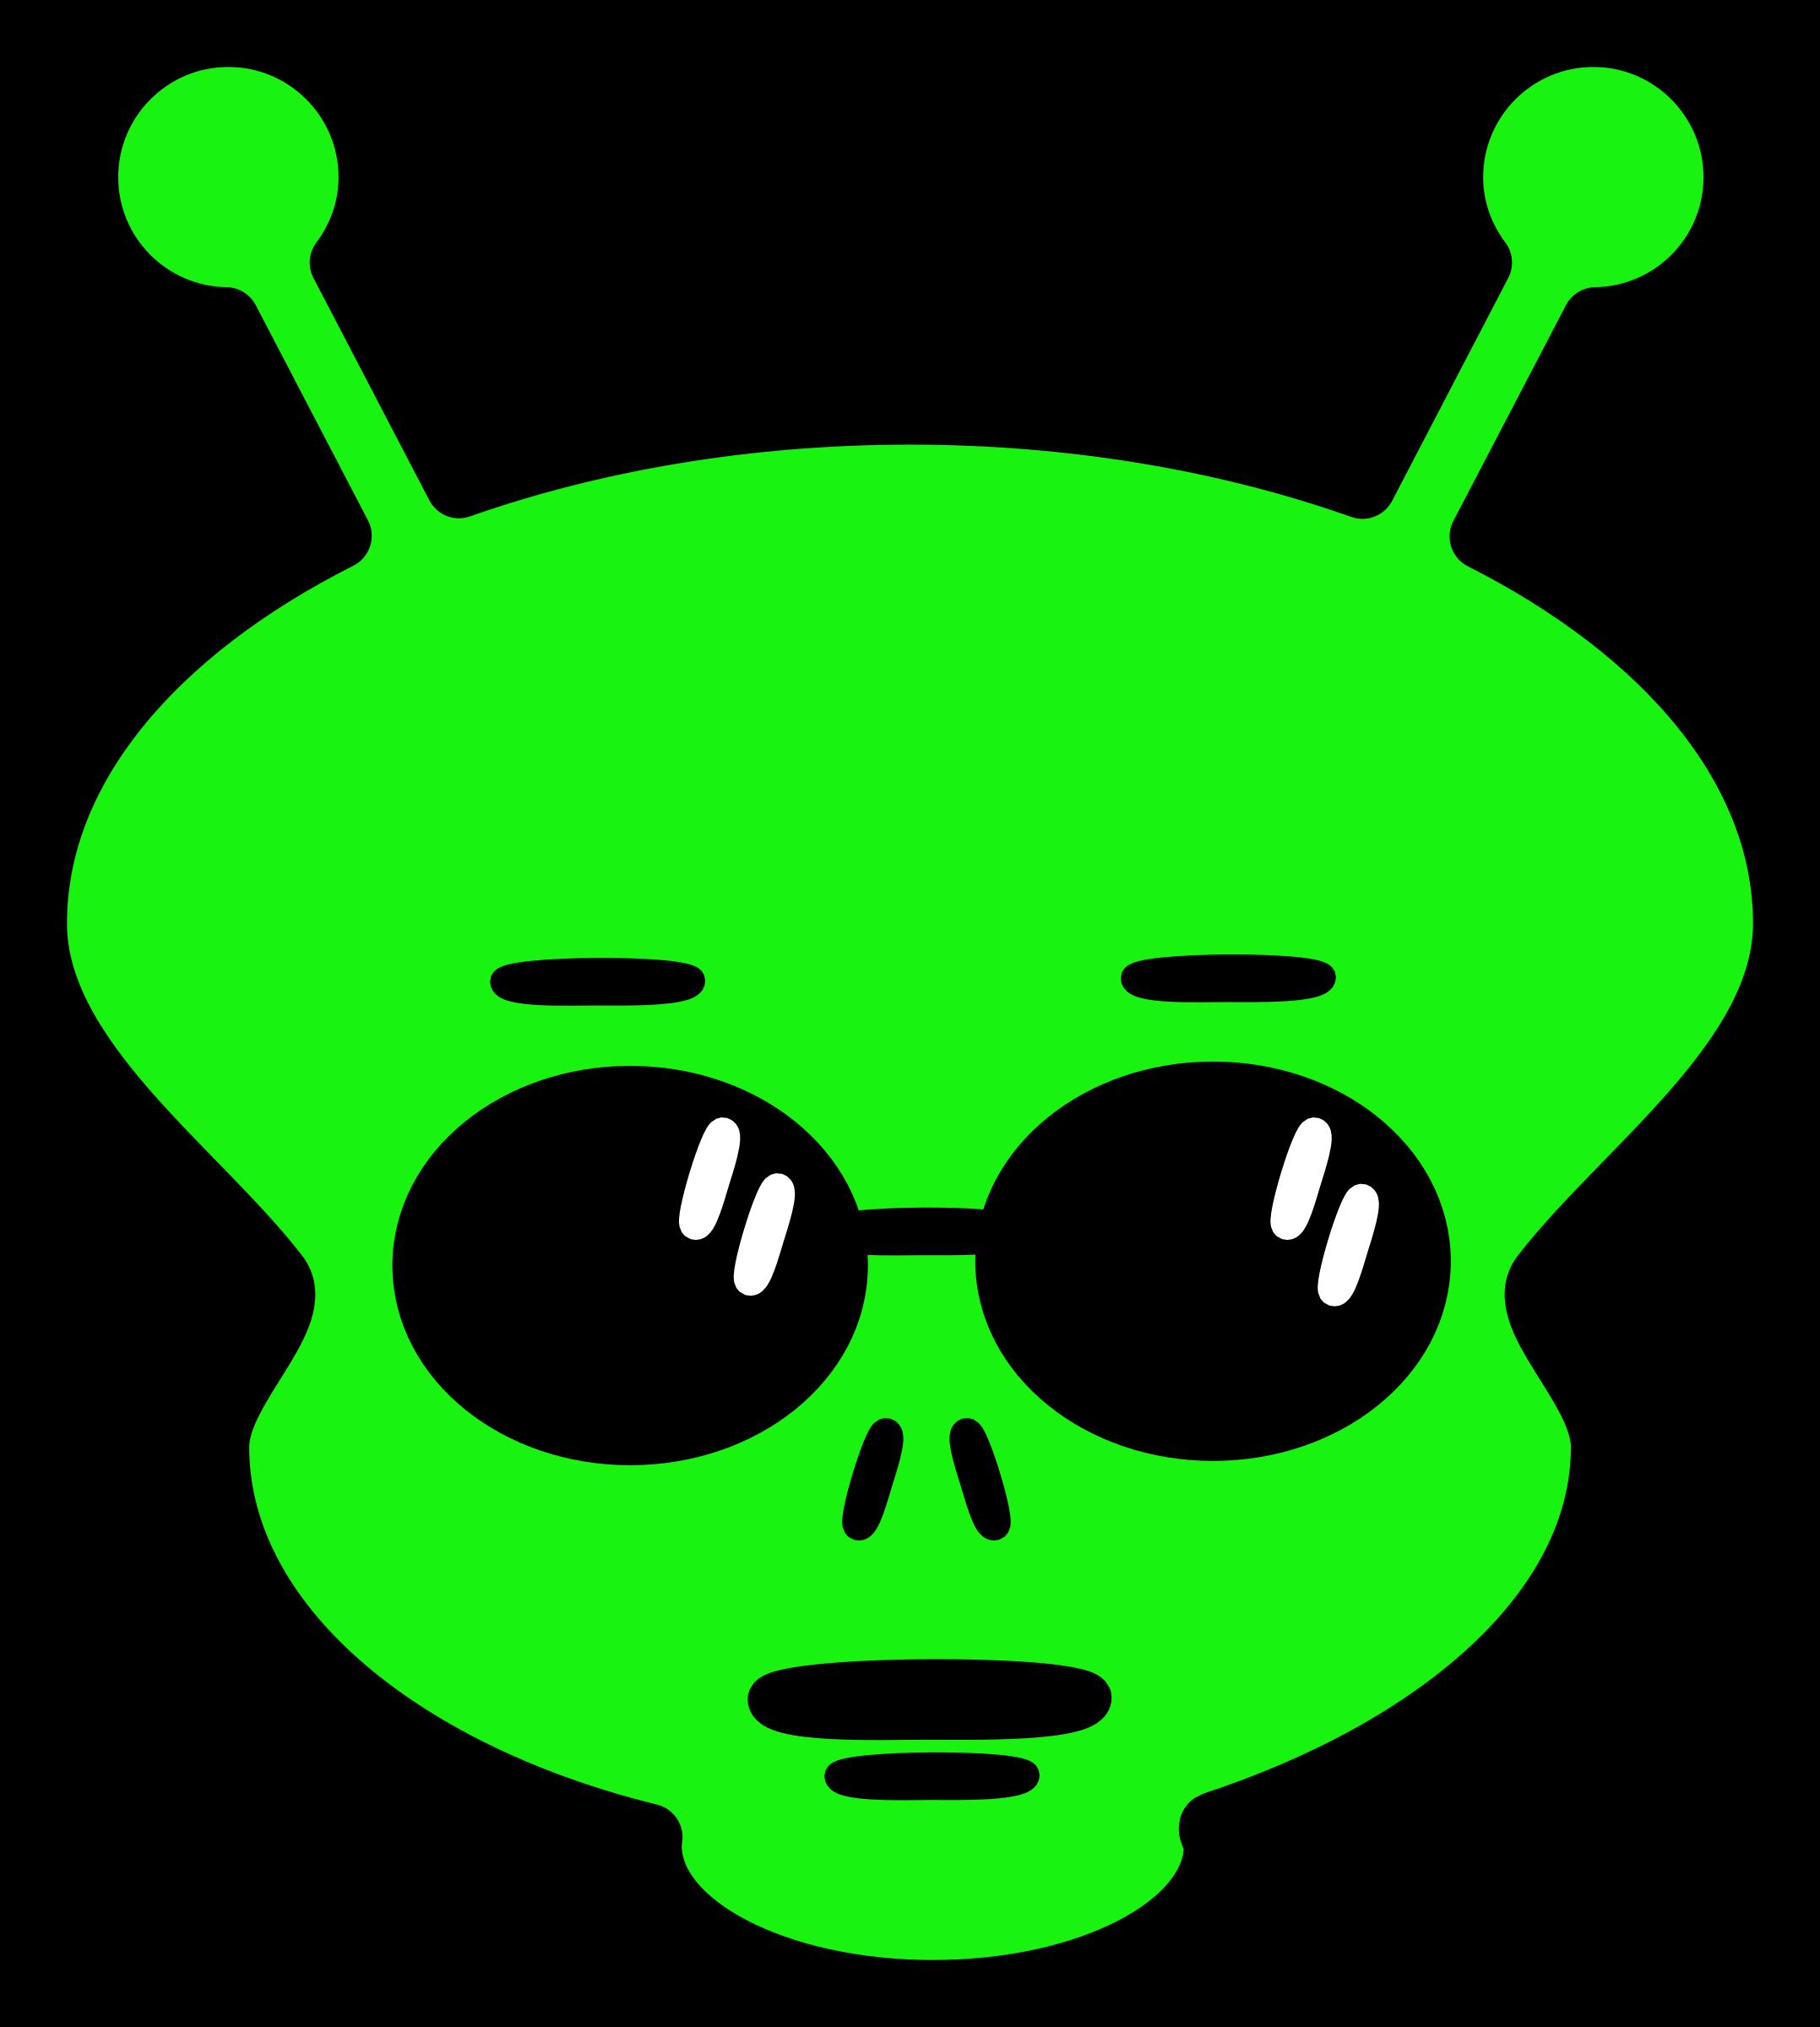 Peterm big image png. Alien clipart simple